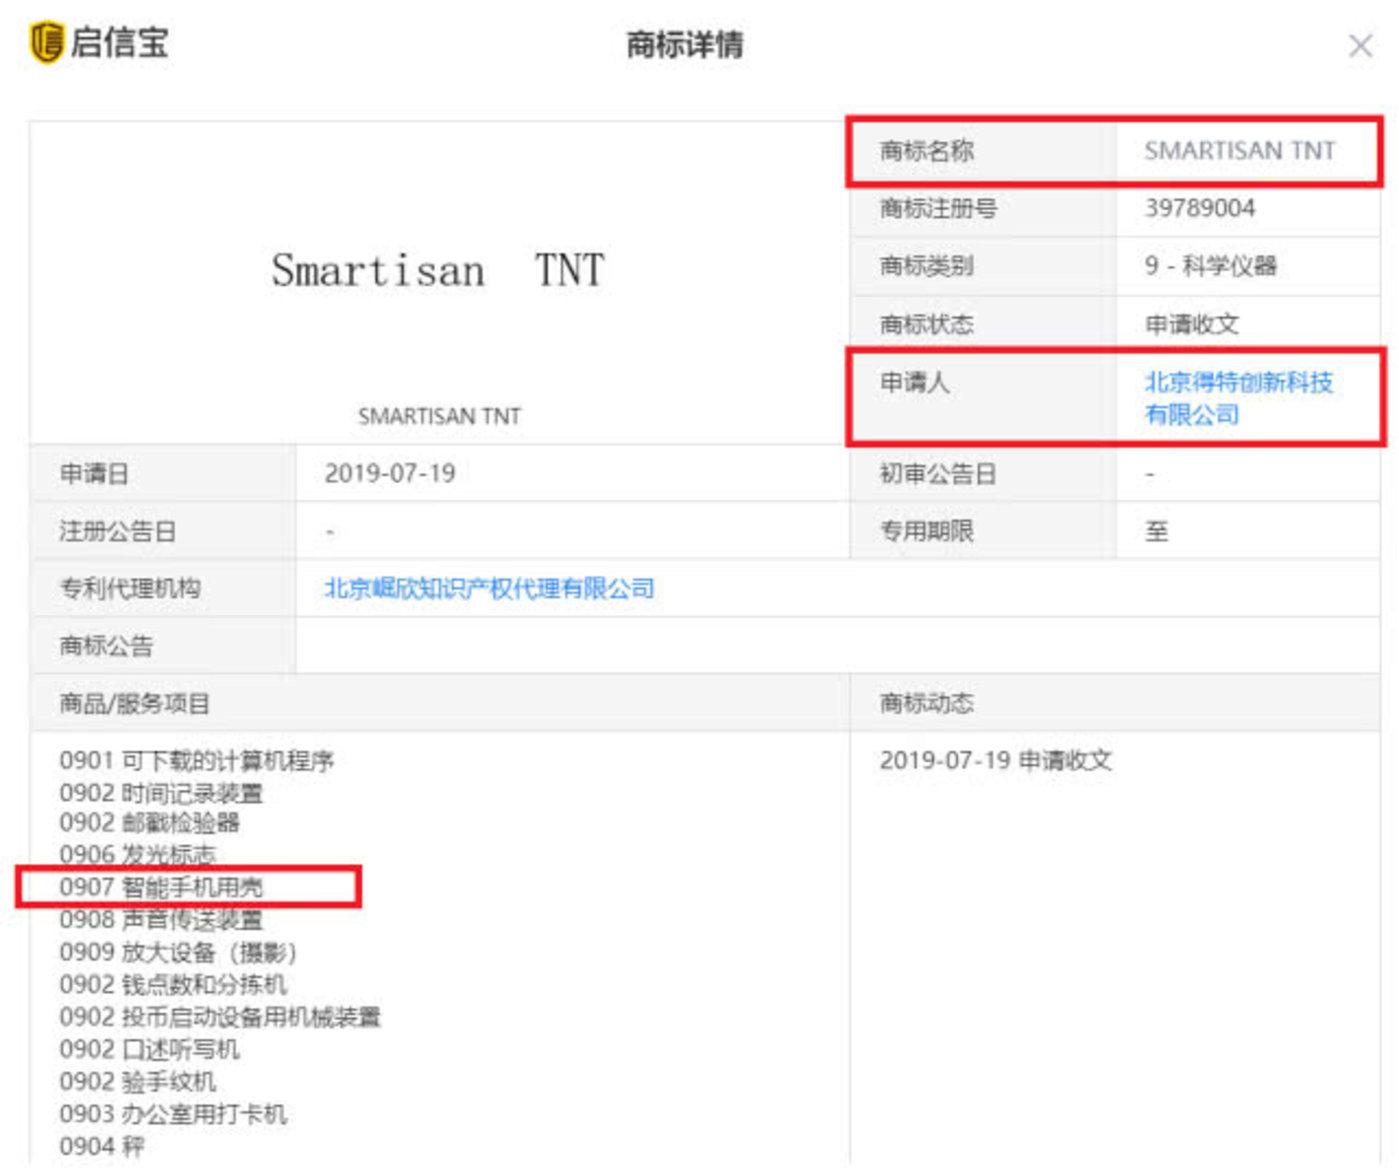 """北京得特创新科技有限公司还持有锤子手机 """"SMARTISAN TNT""""的商标,该商标申请于2019年7月19日,商标类别为科学仪器。"""